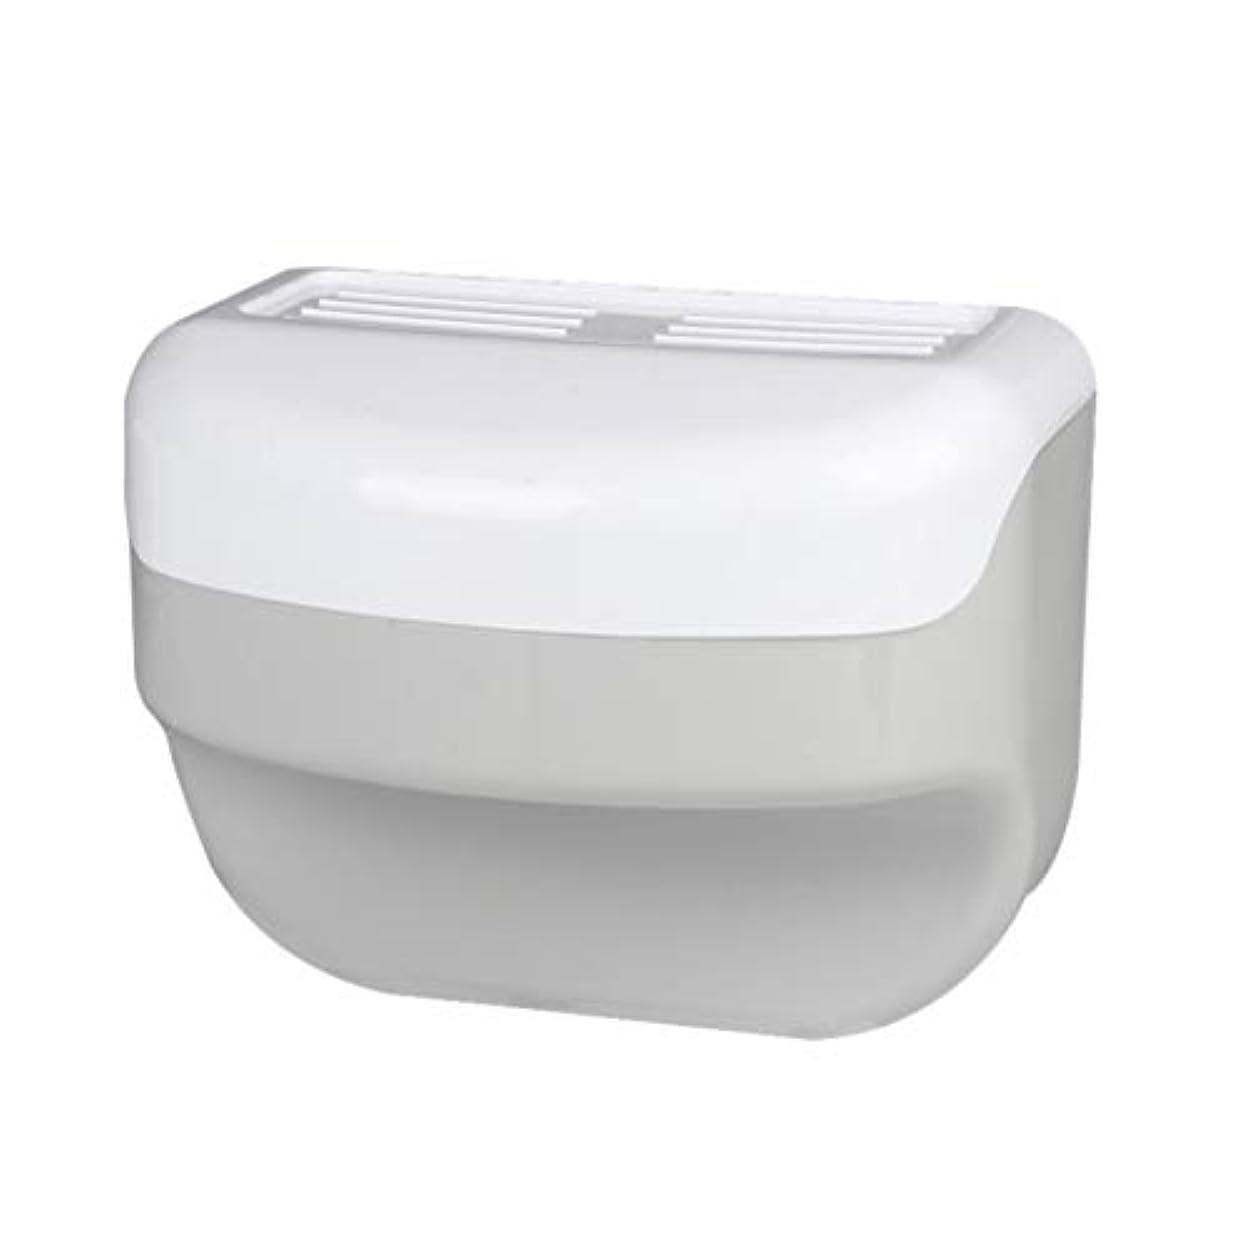 ほかに紳士気取りの、きざな表面的なTOPBATHY 浴室トイレティッシュボックスラック壁吸盤ロールホルダーフリー掘削ネイルフリーティッシュボックス